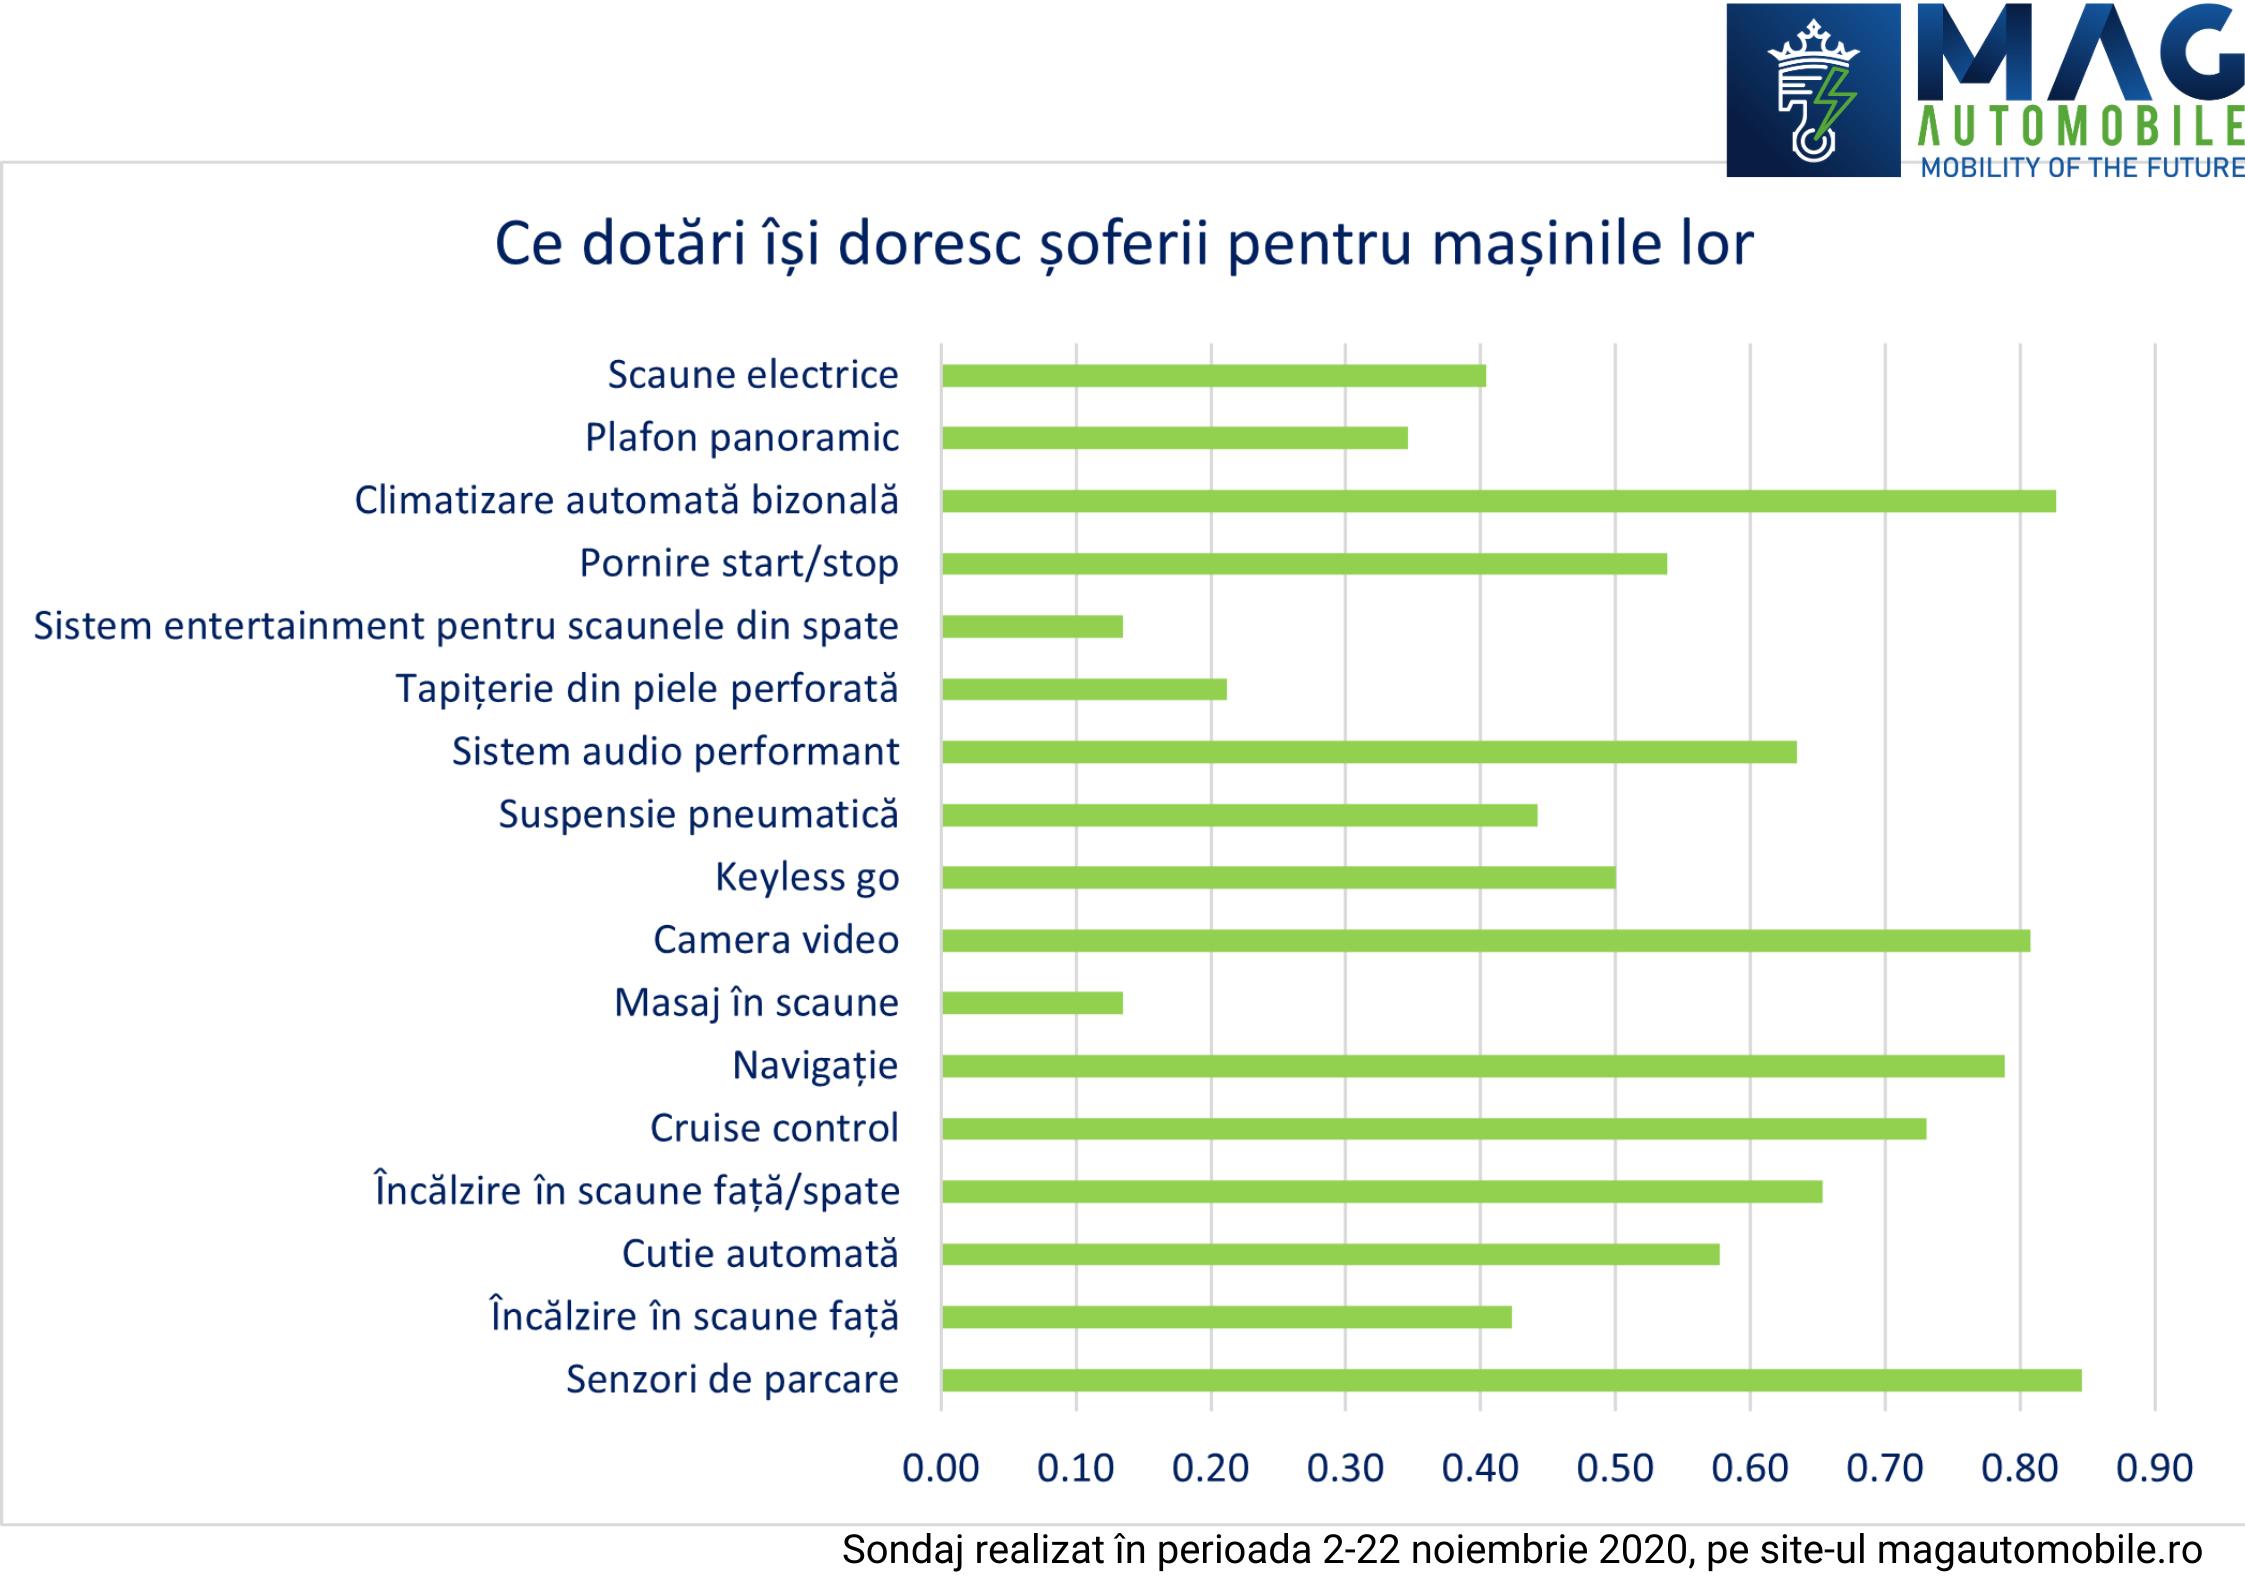 Sondaj MagAutomobile: pentru 85% dintre șoferi, senzorii de parcare sunt cea mai importantă dotare a unei mașini